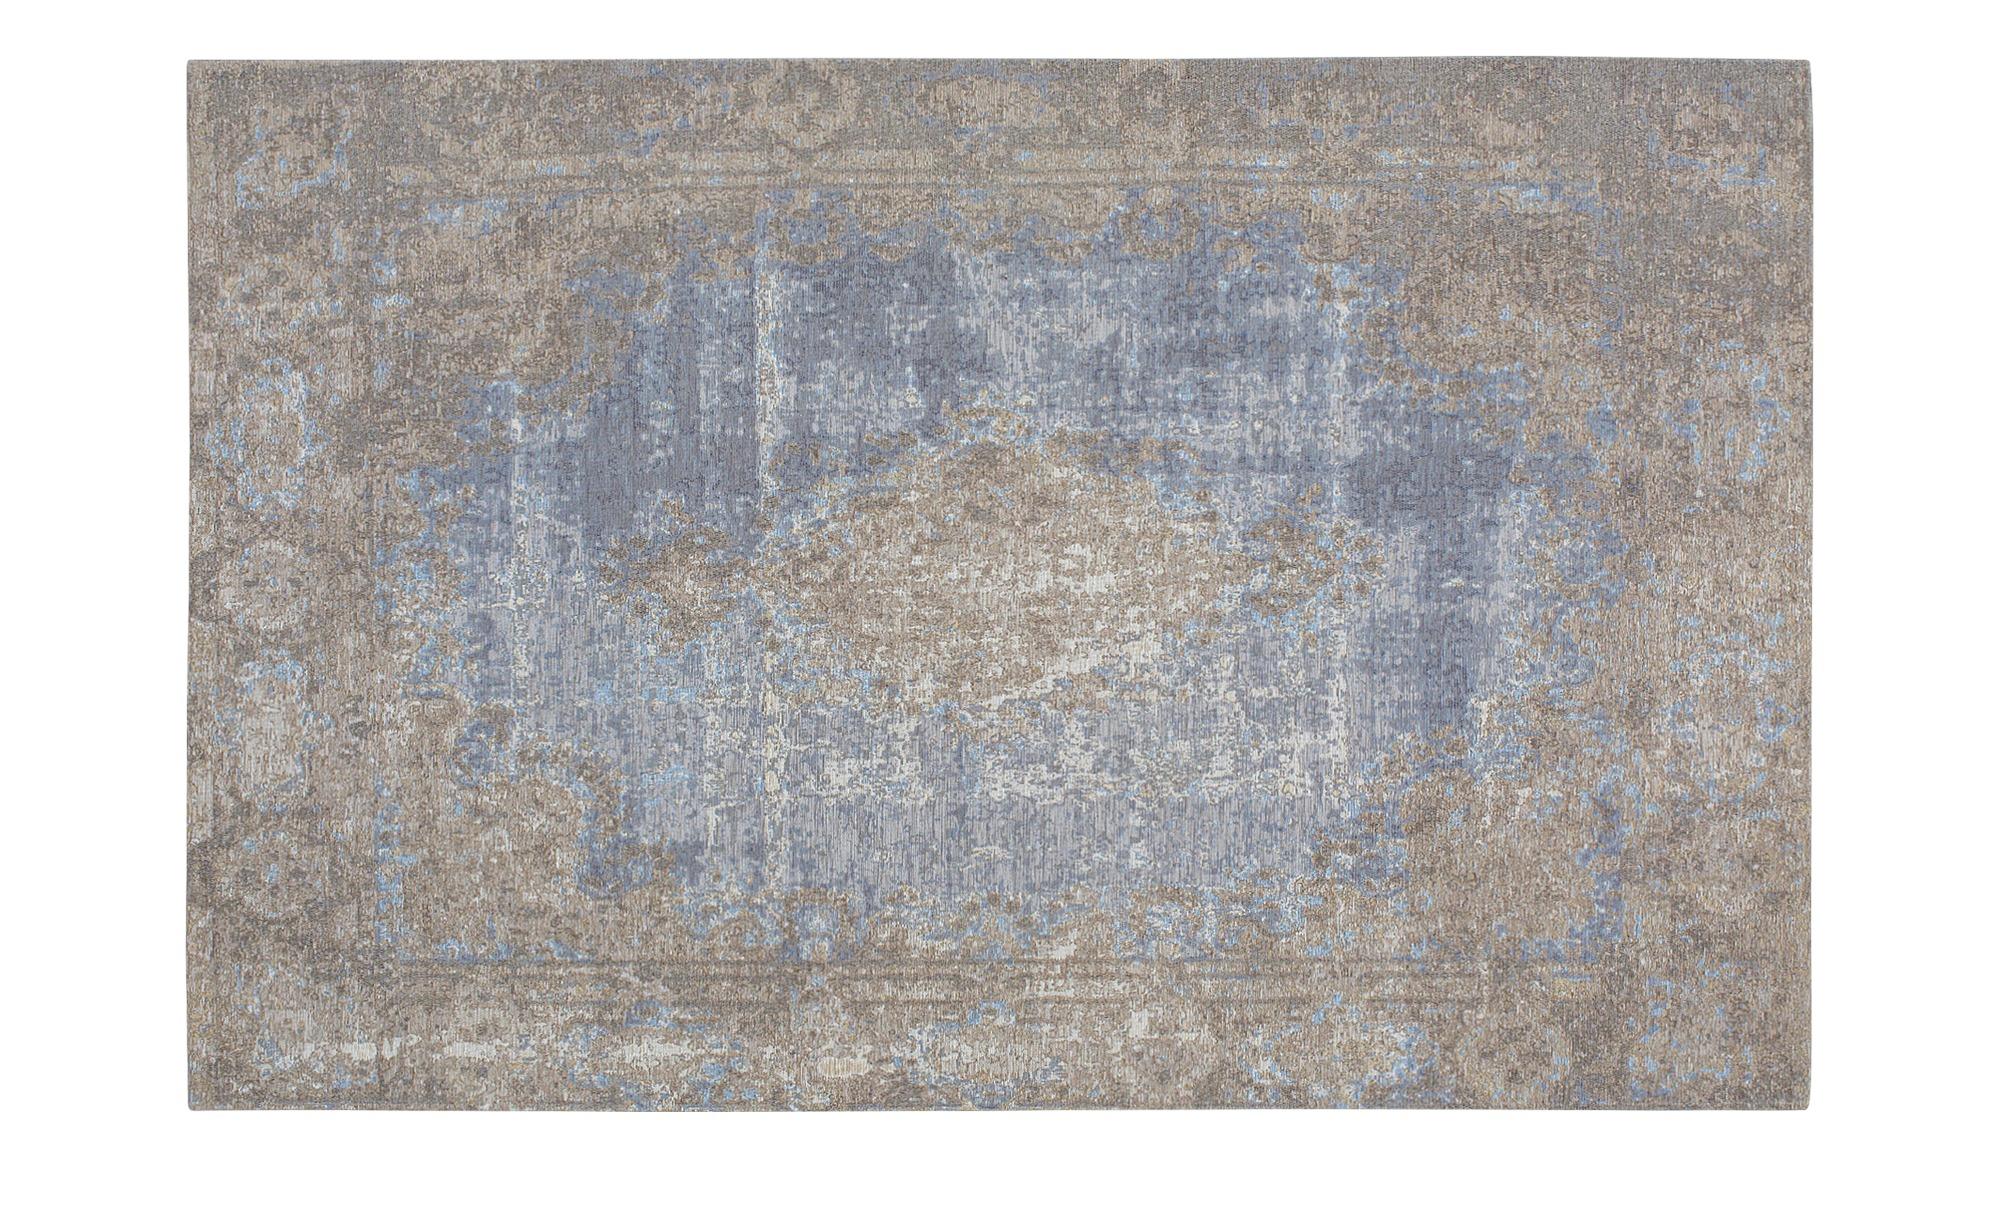 Webteppich  Romance 1200 ¦ blau ¦ 34% Baumwolle, 33% Polyester, 33% Chenille Acryl ¦ Maße (cm): B: 80 Teppiche > Wohnteppiche - Höffner